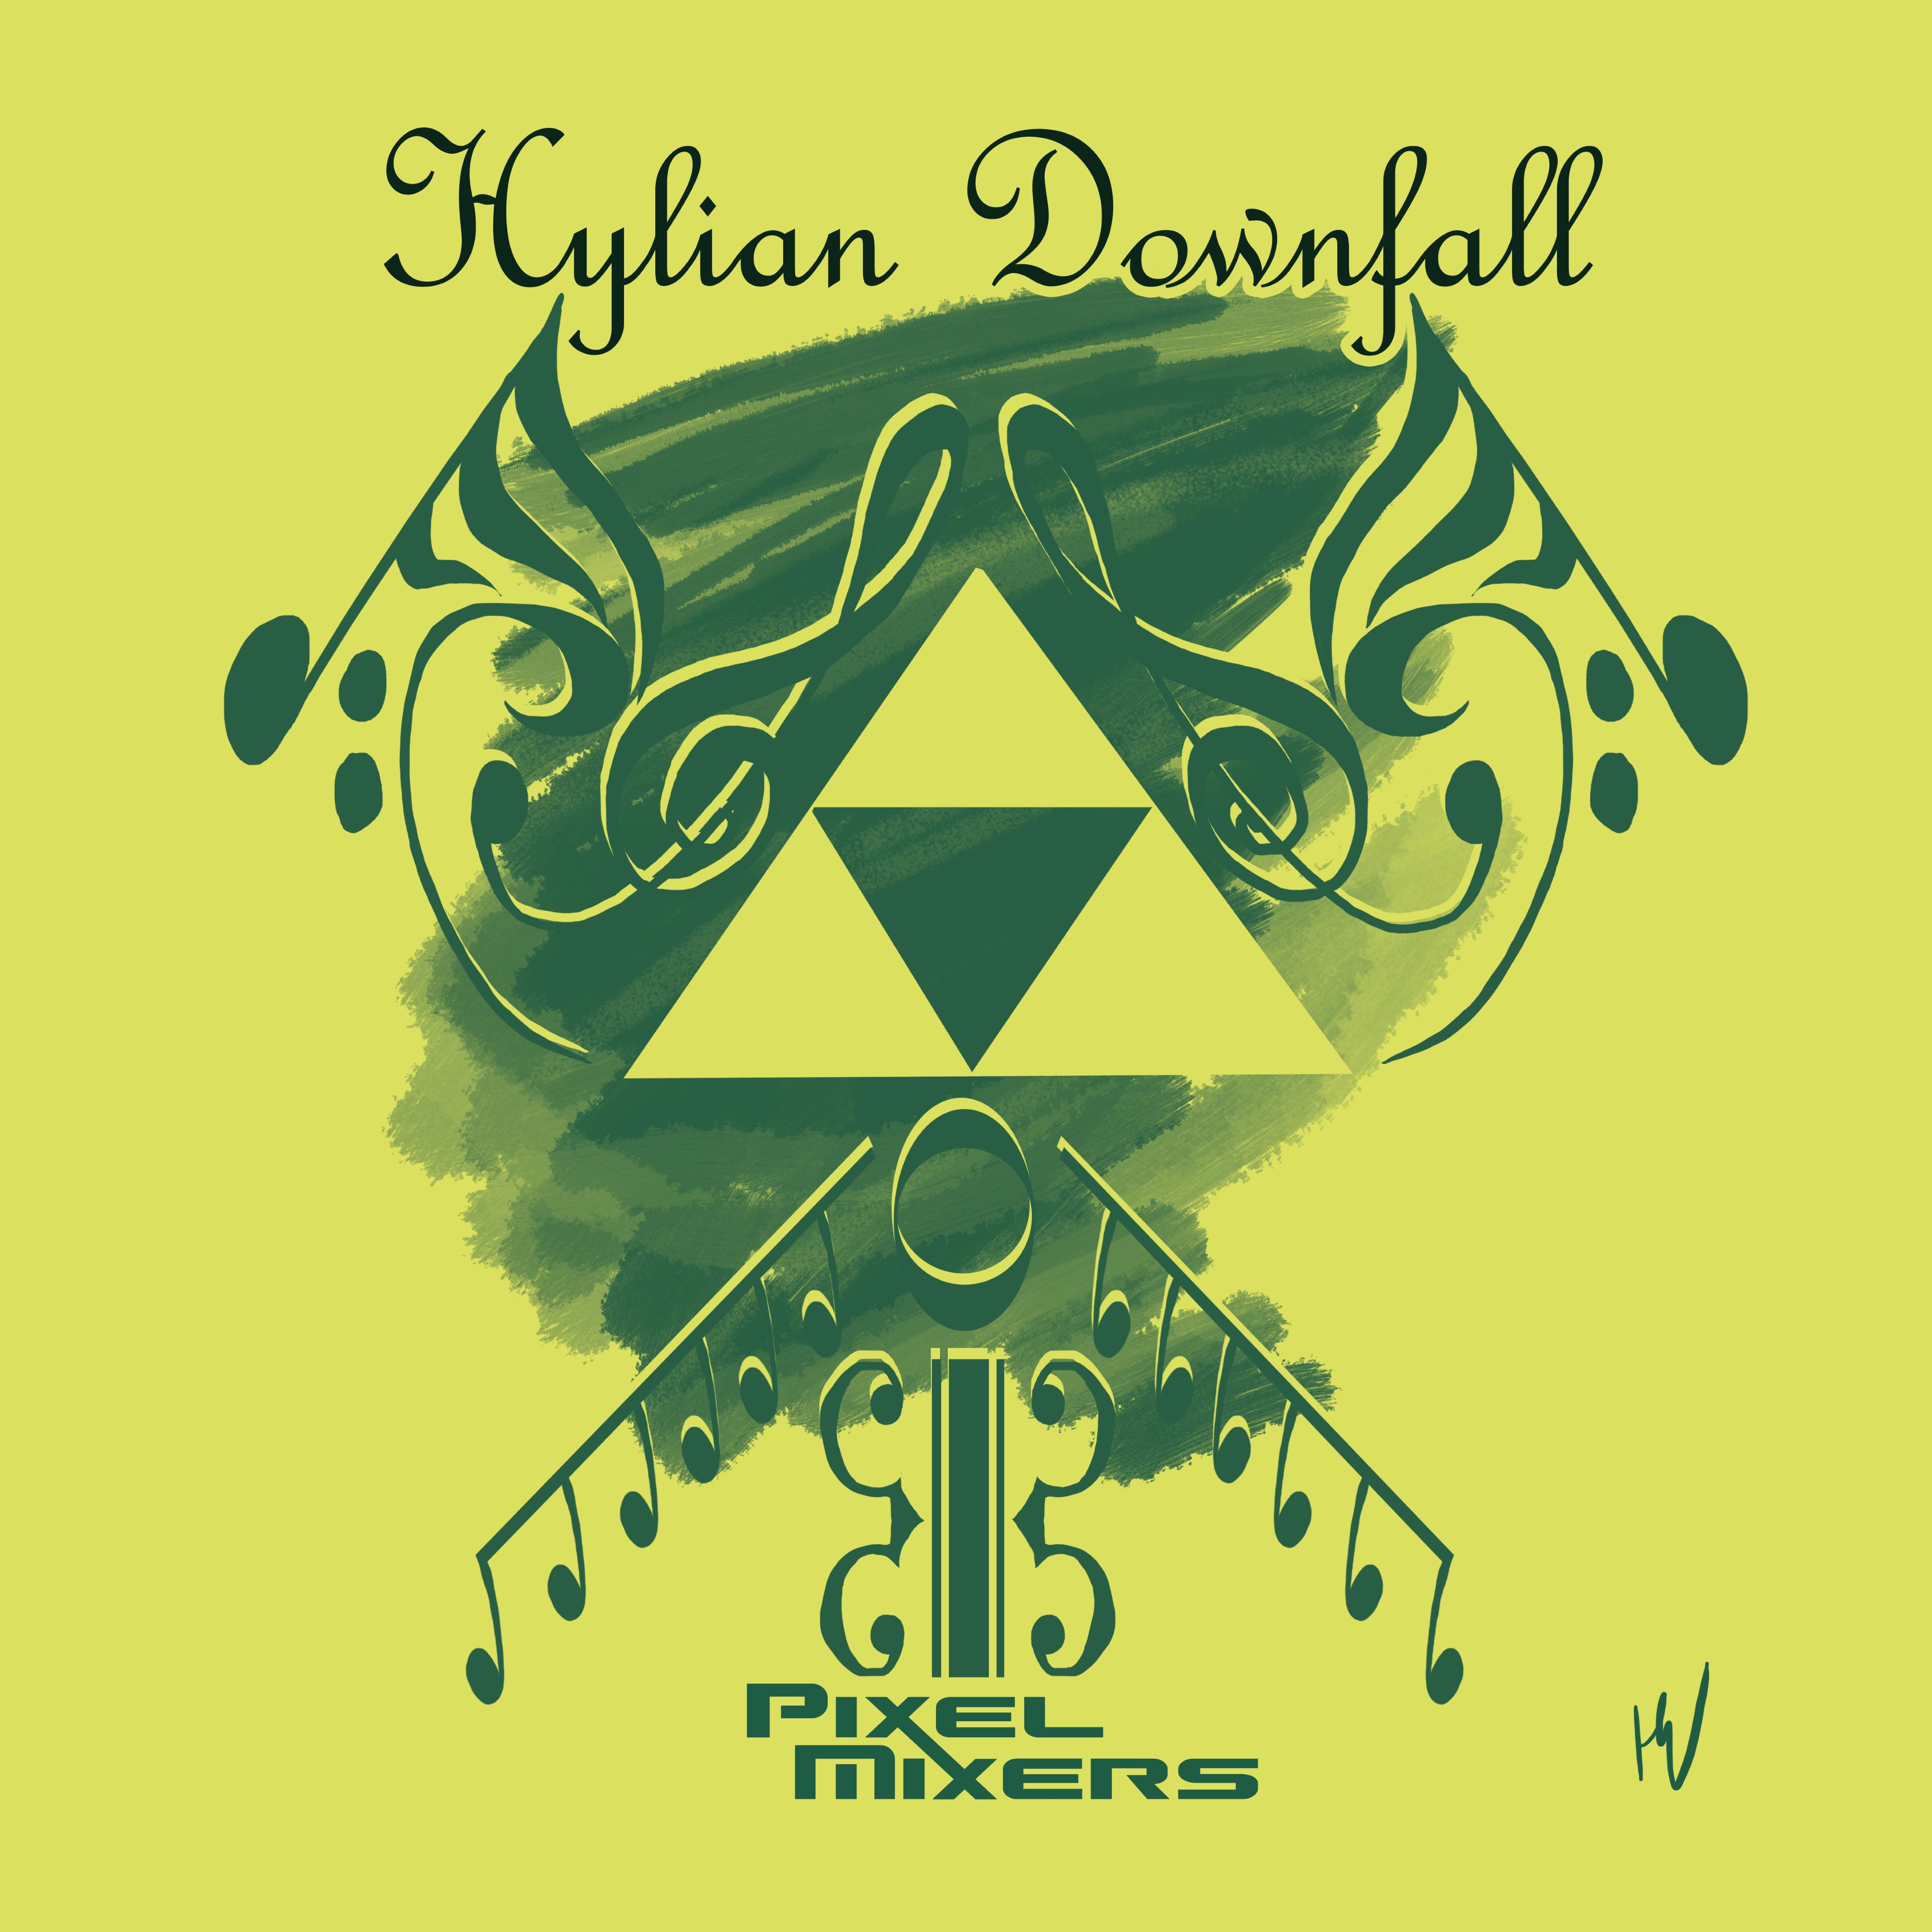 Hylian Downfall.png